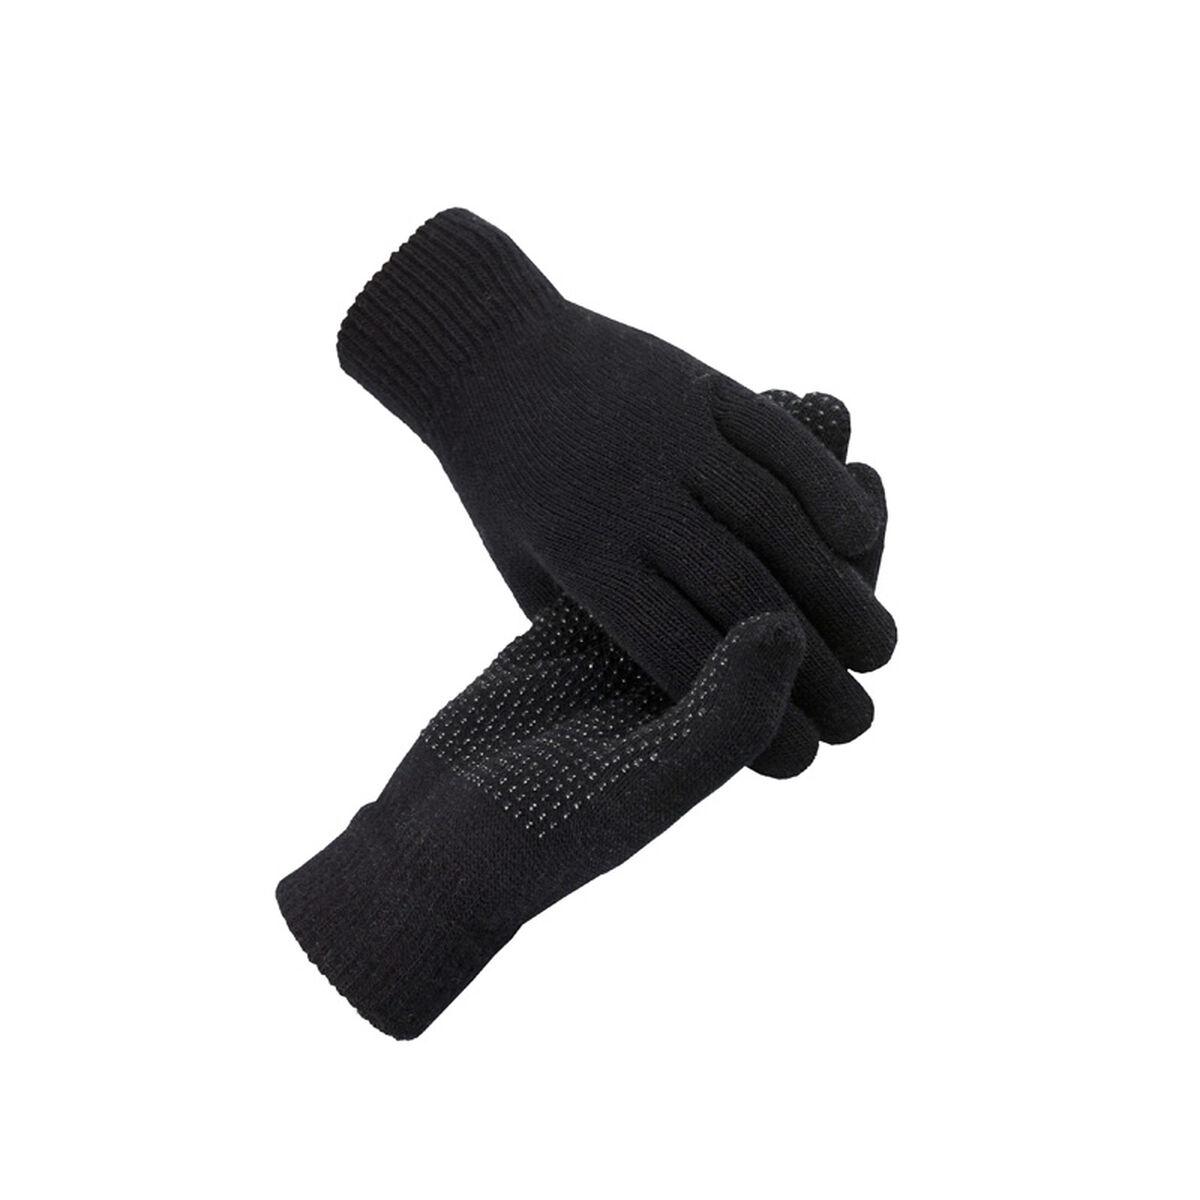 Black gloves white magic - Horze Magic Gloves